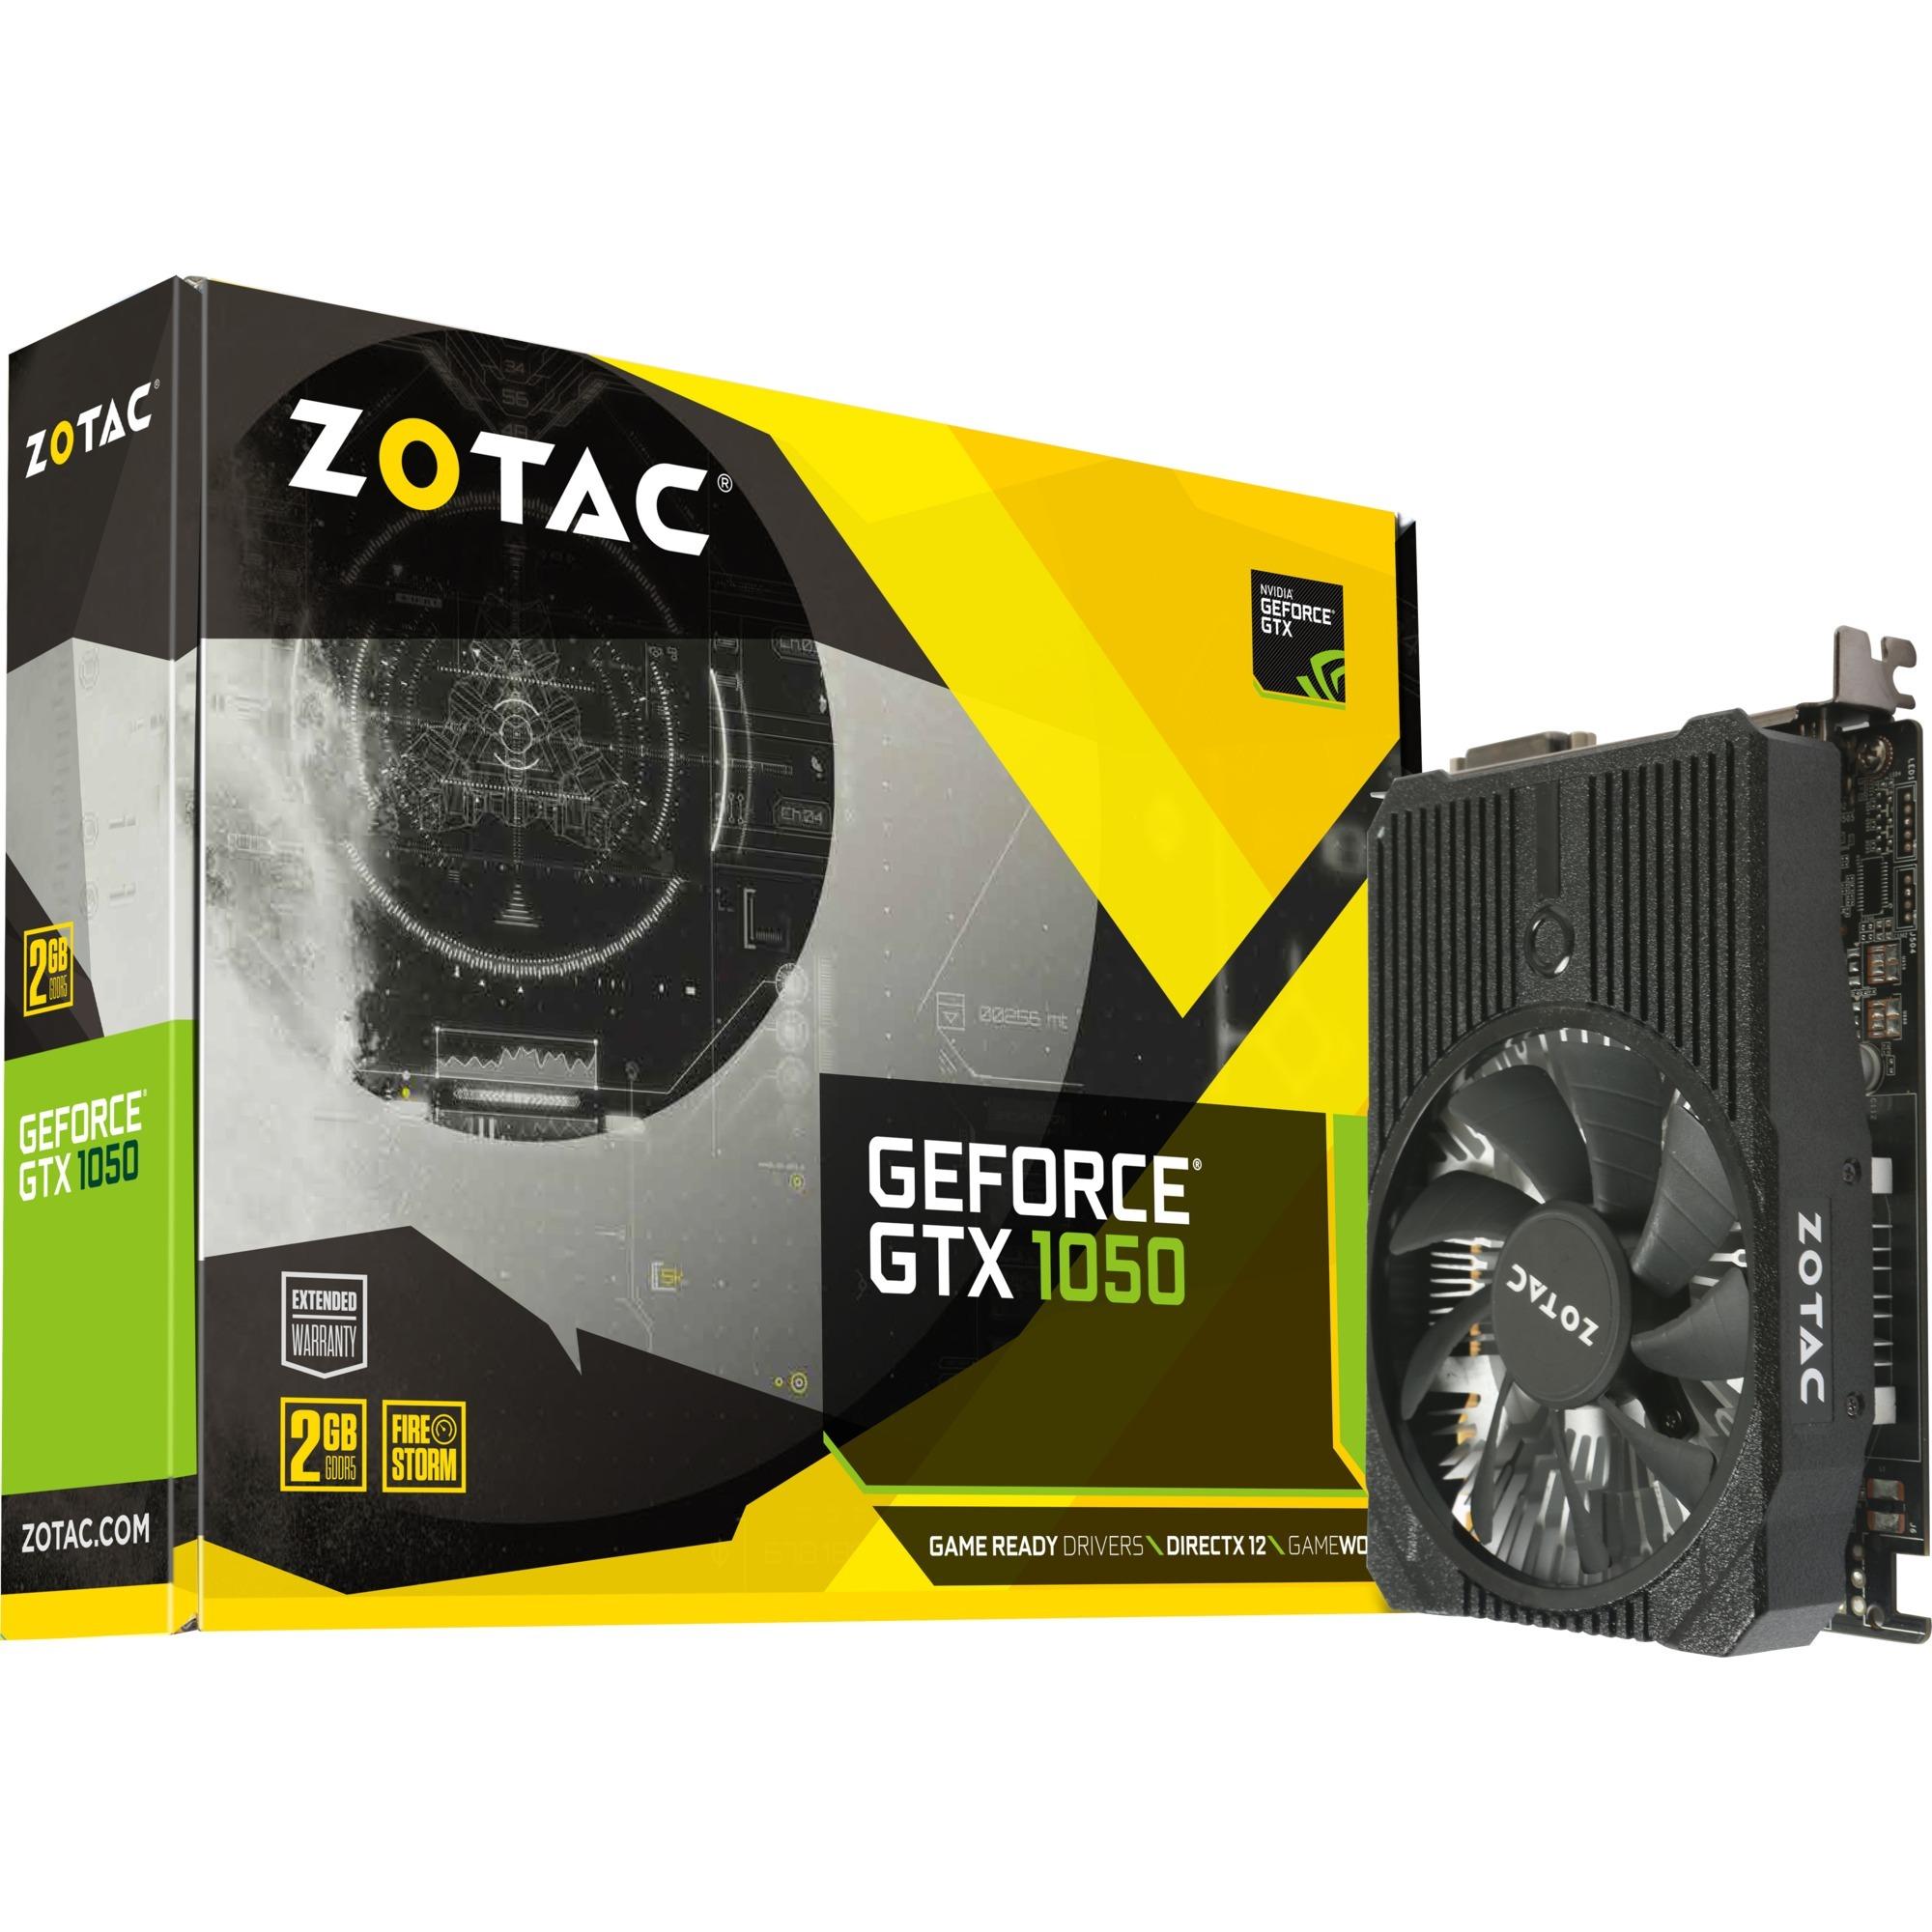 GeForce GTX 1050 Mini GeForce GTX 1050 2Go GDDR5, Carte graphique